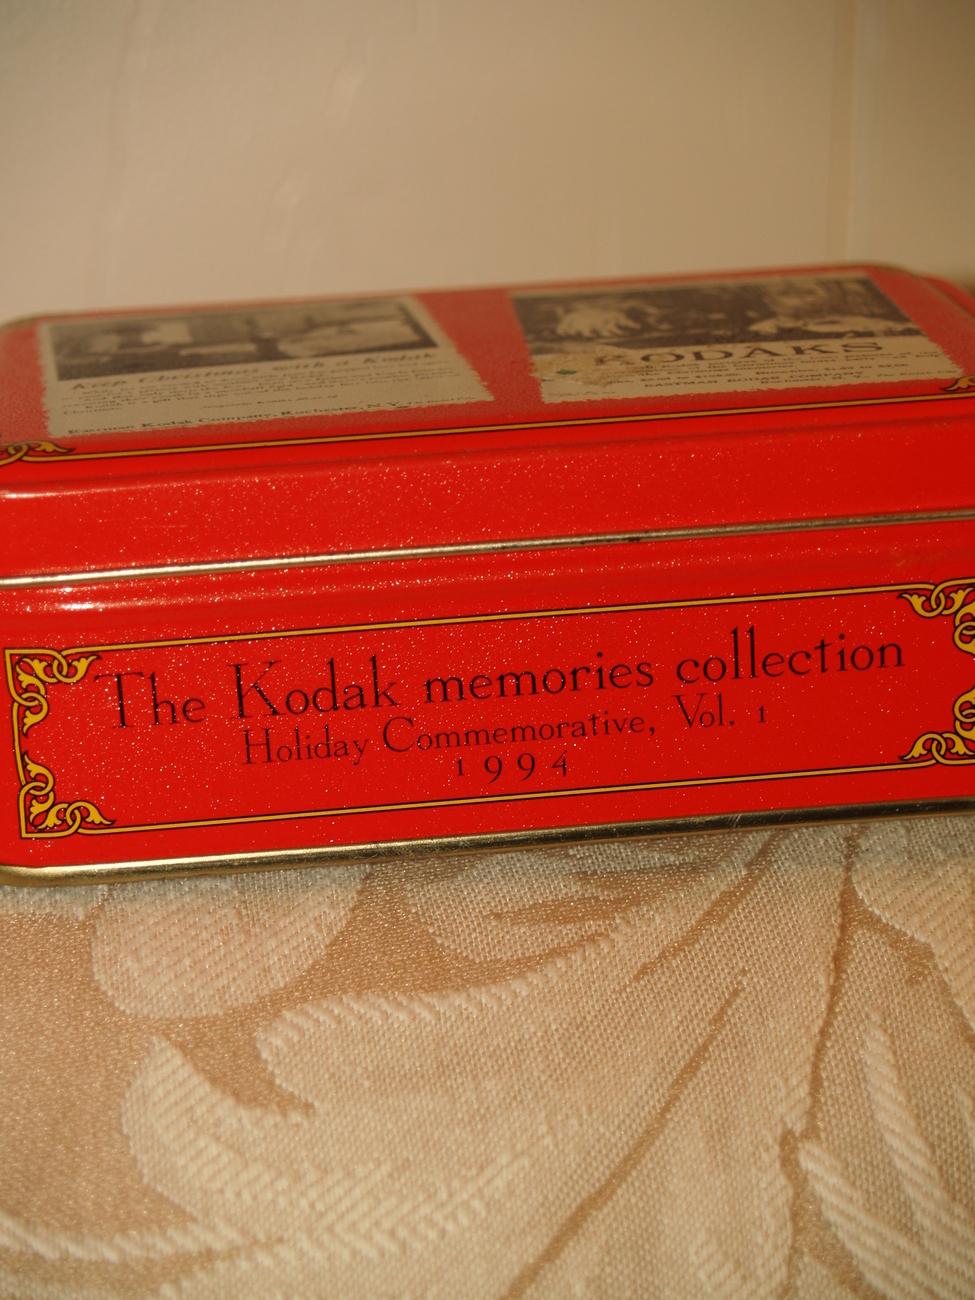 Kodak memories collection tin